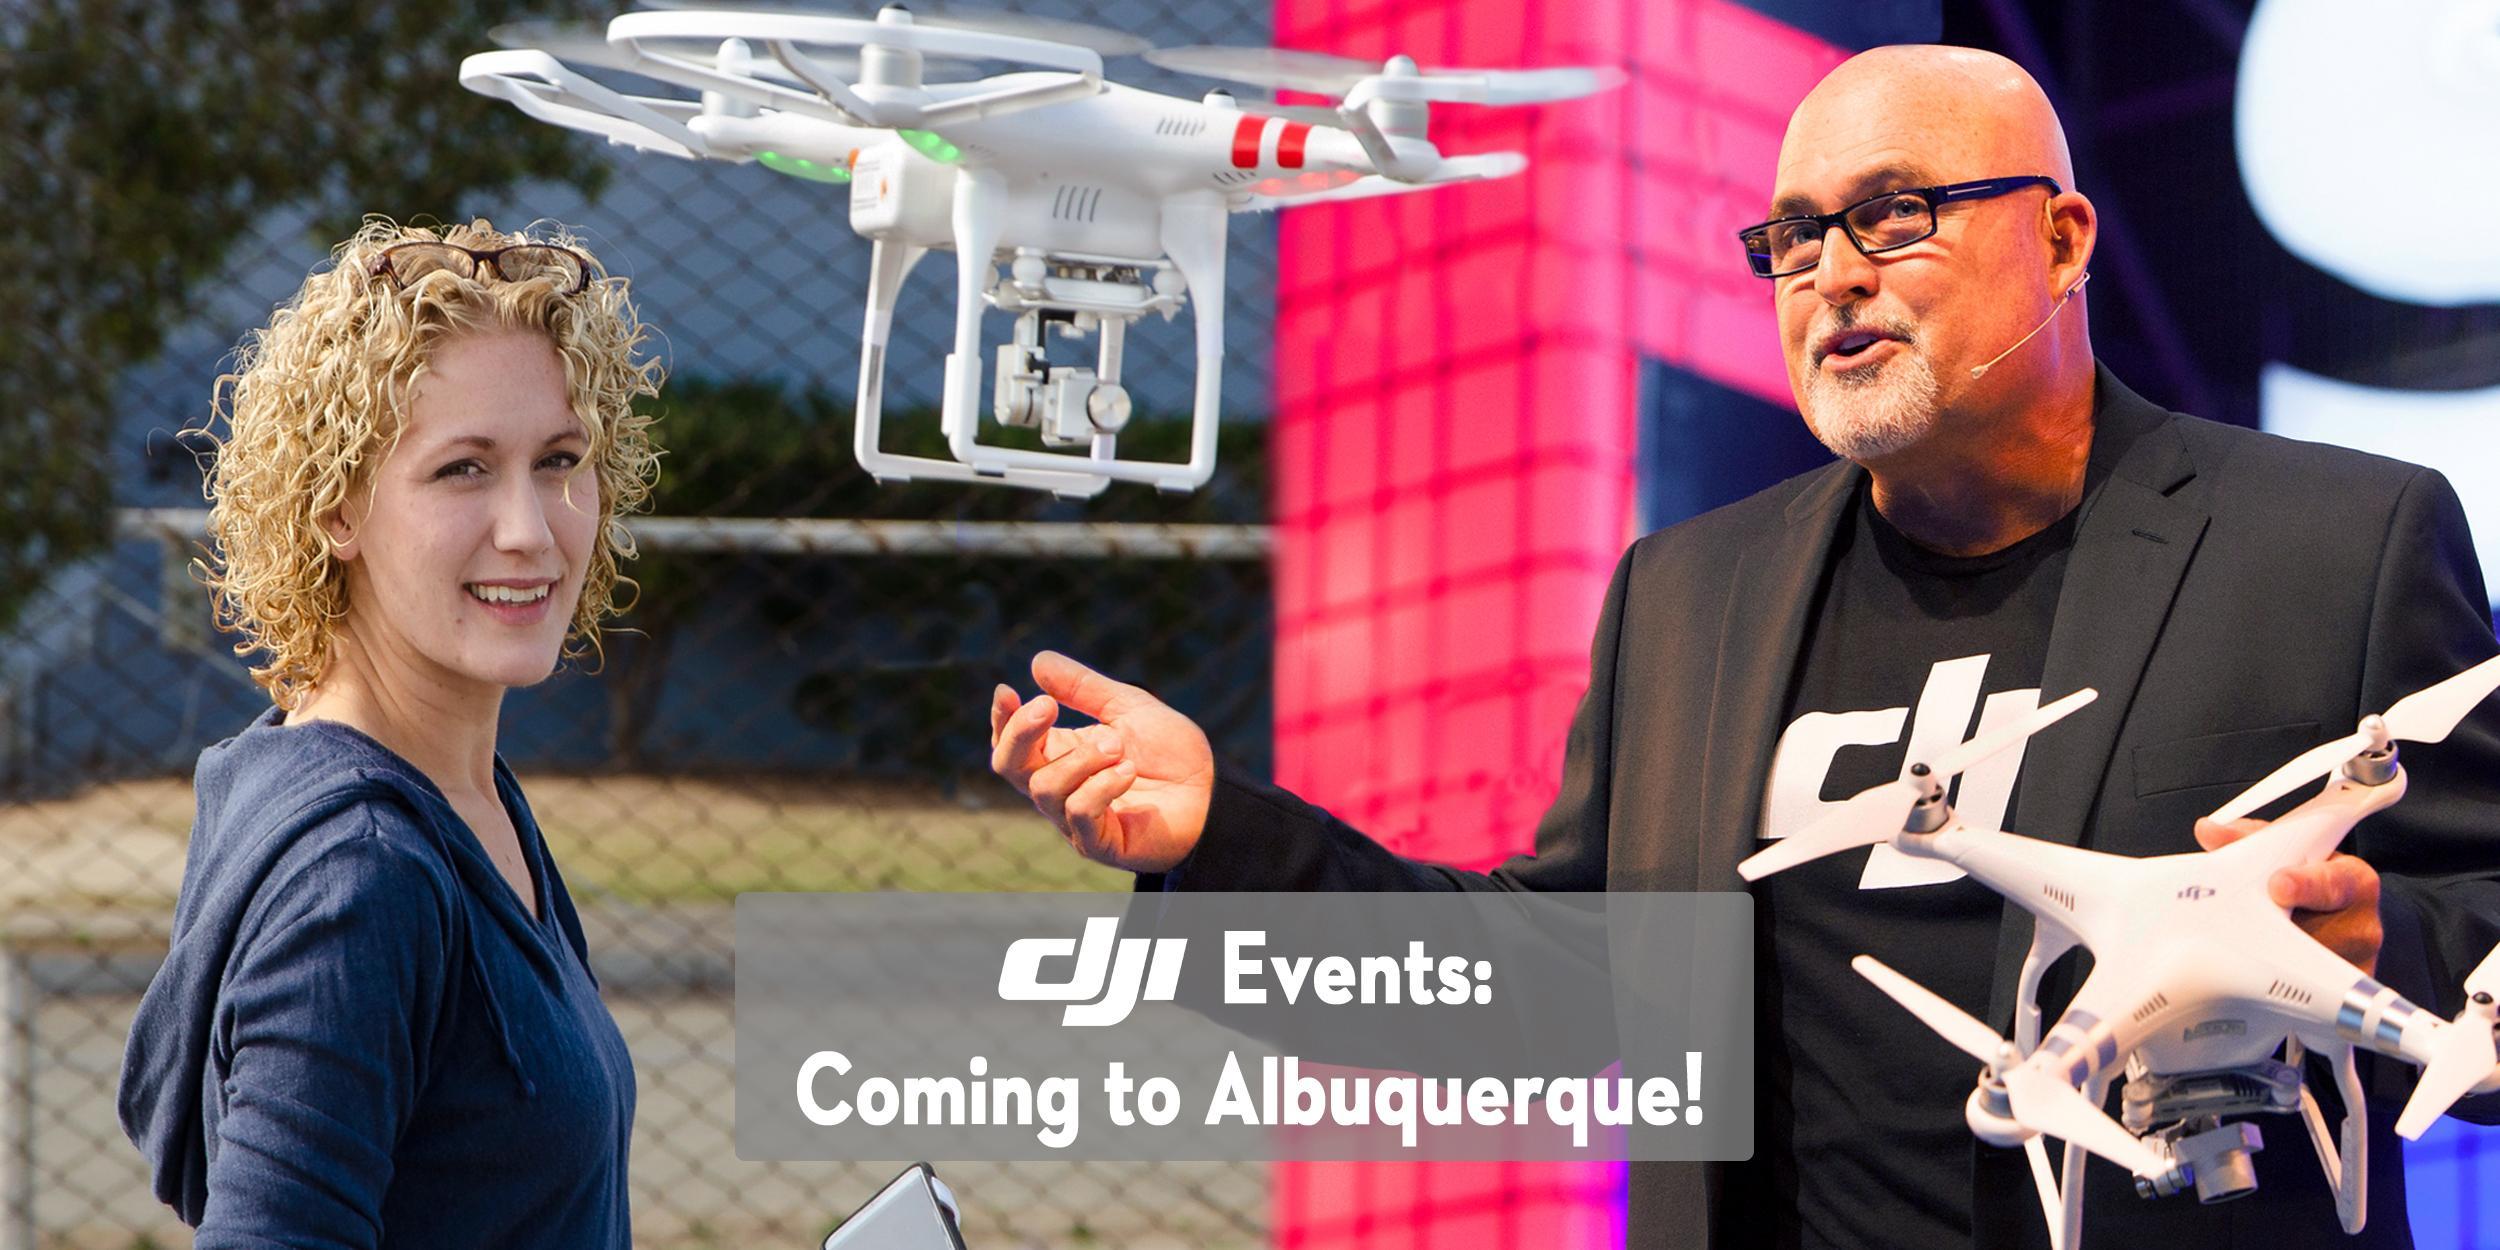 DJI Aerial Photo Academy – Albuquerque, NM!